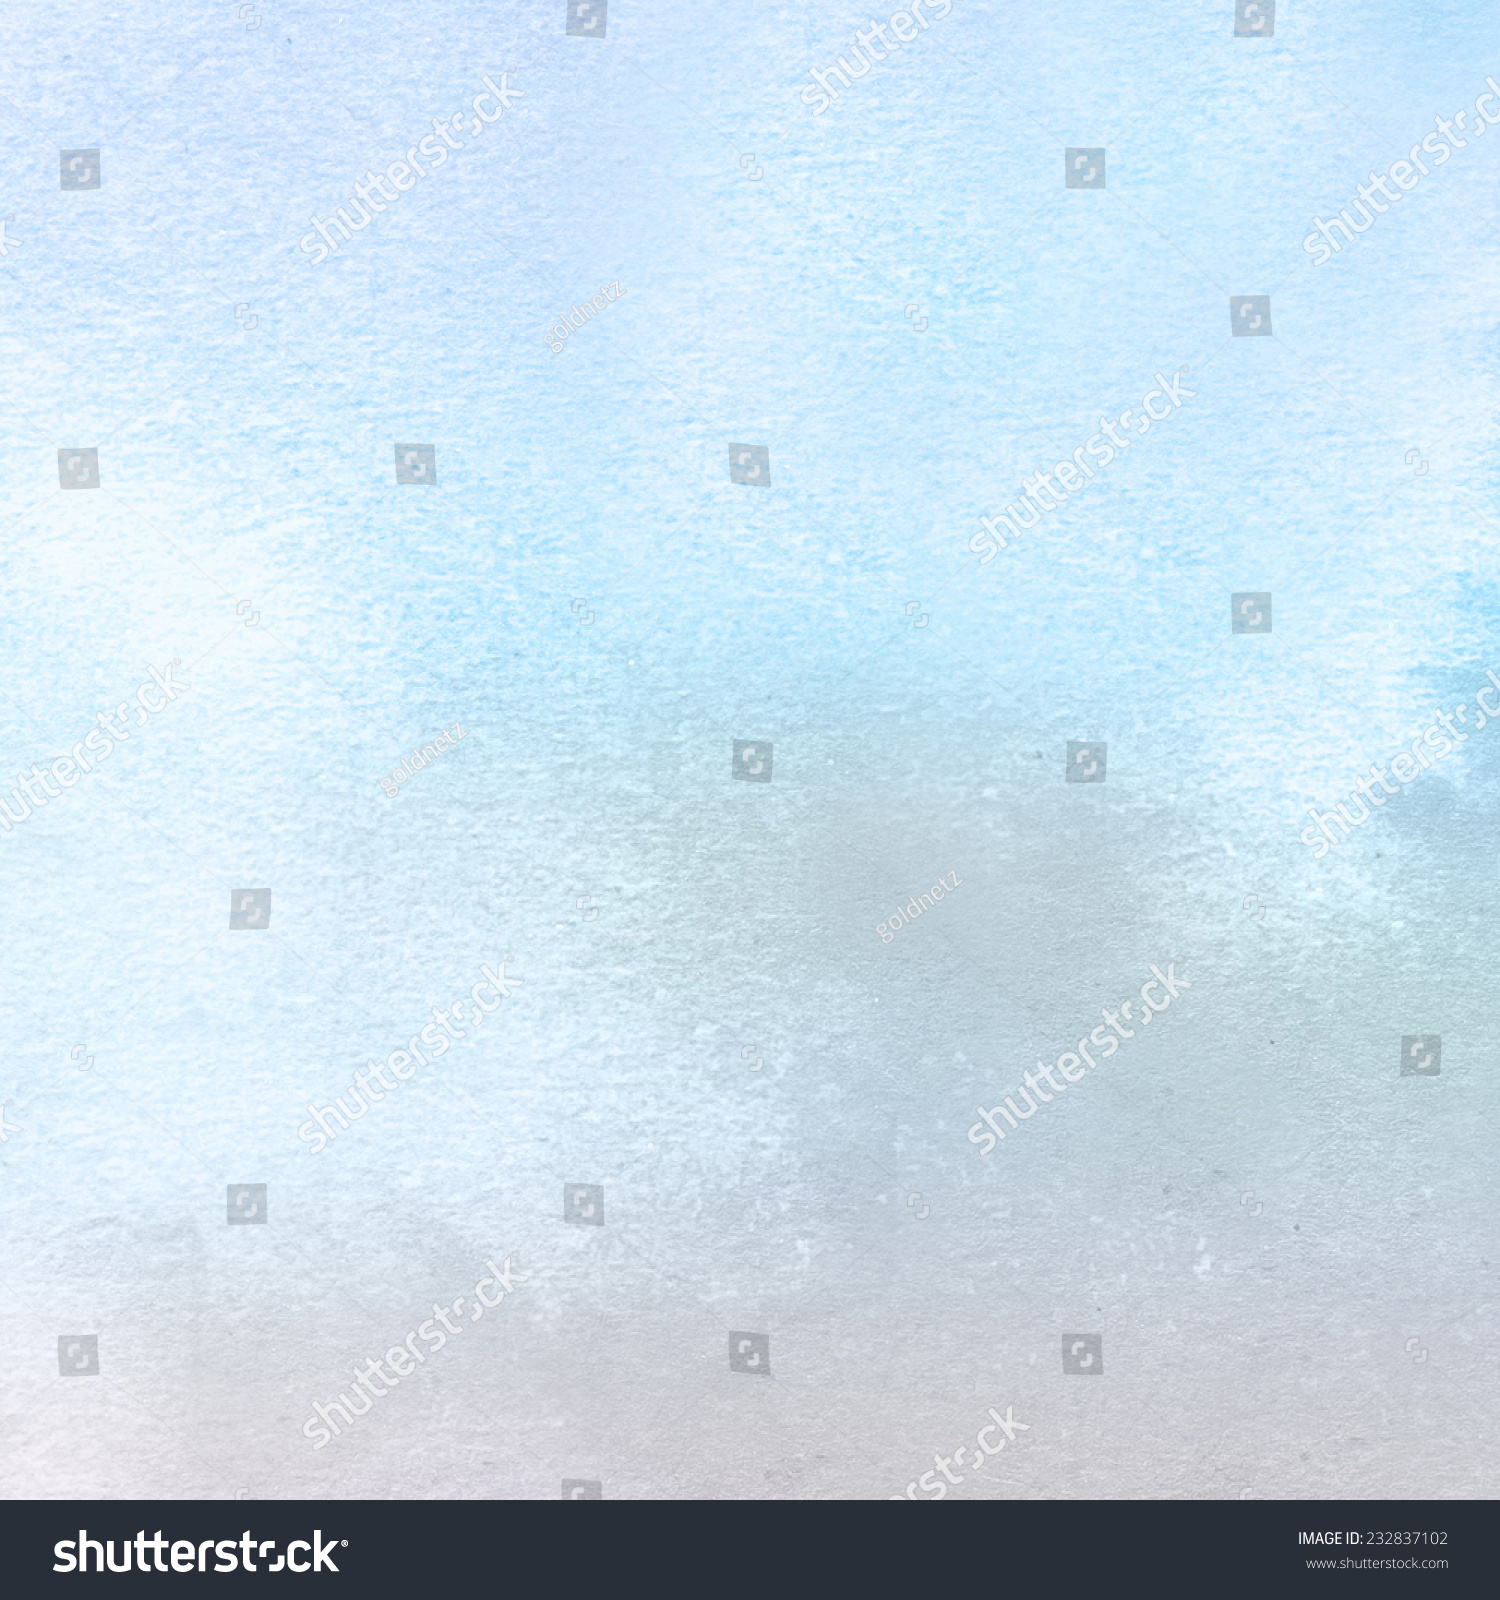 水彩画在纹理纸上设计-背景/素材,抽象-海洛创意()-合